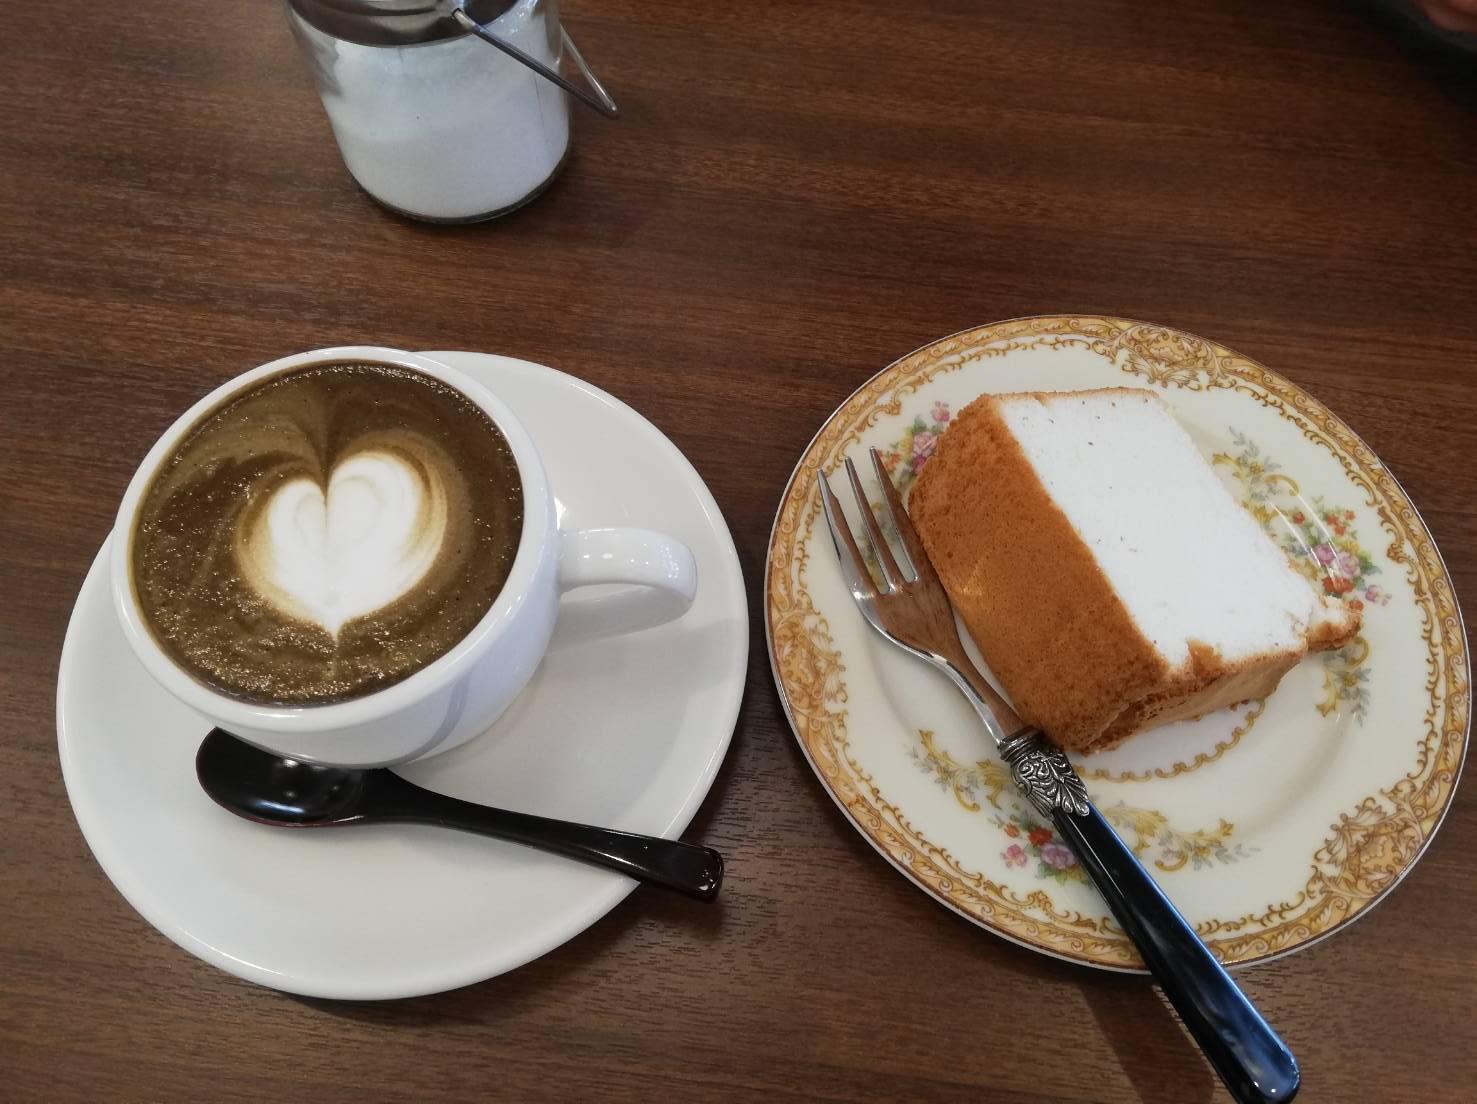 ノートカフェ エンゼルフードケーキ モーニング